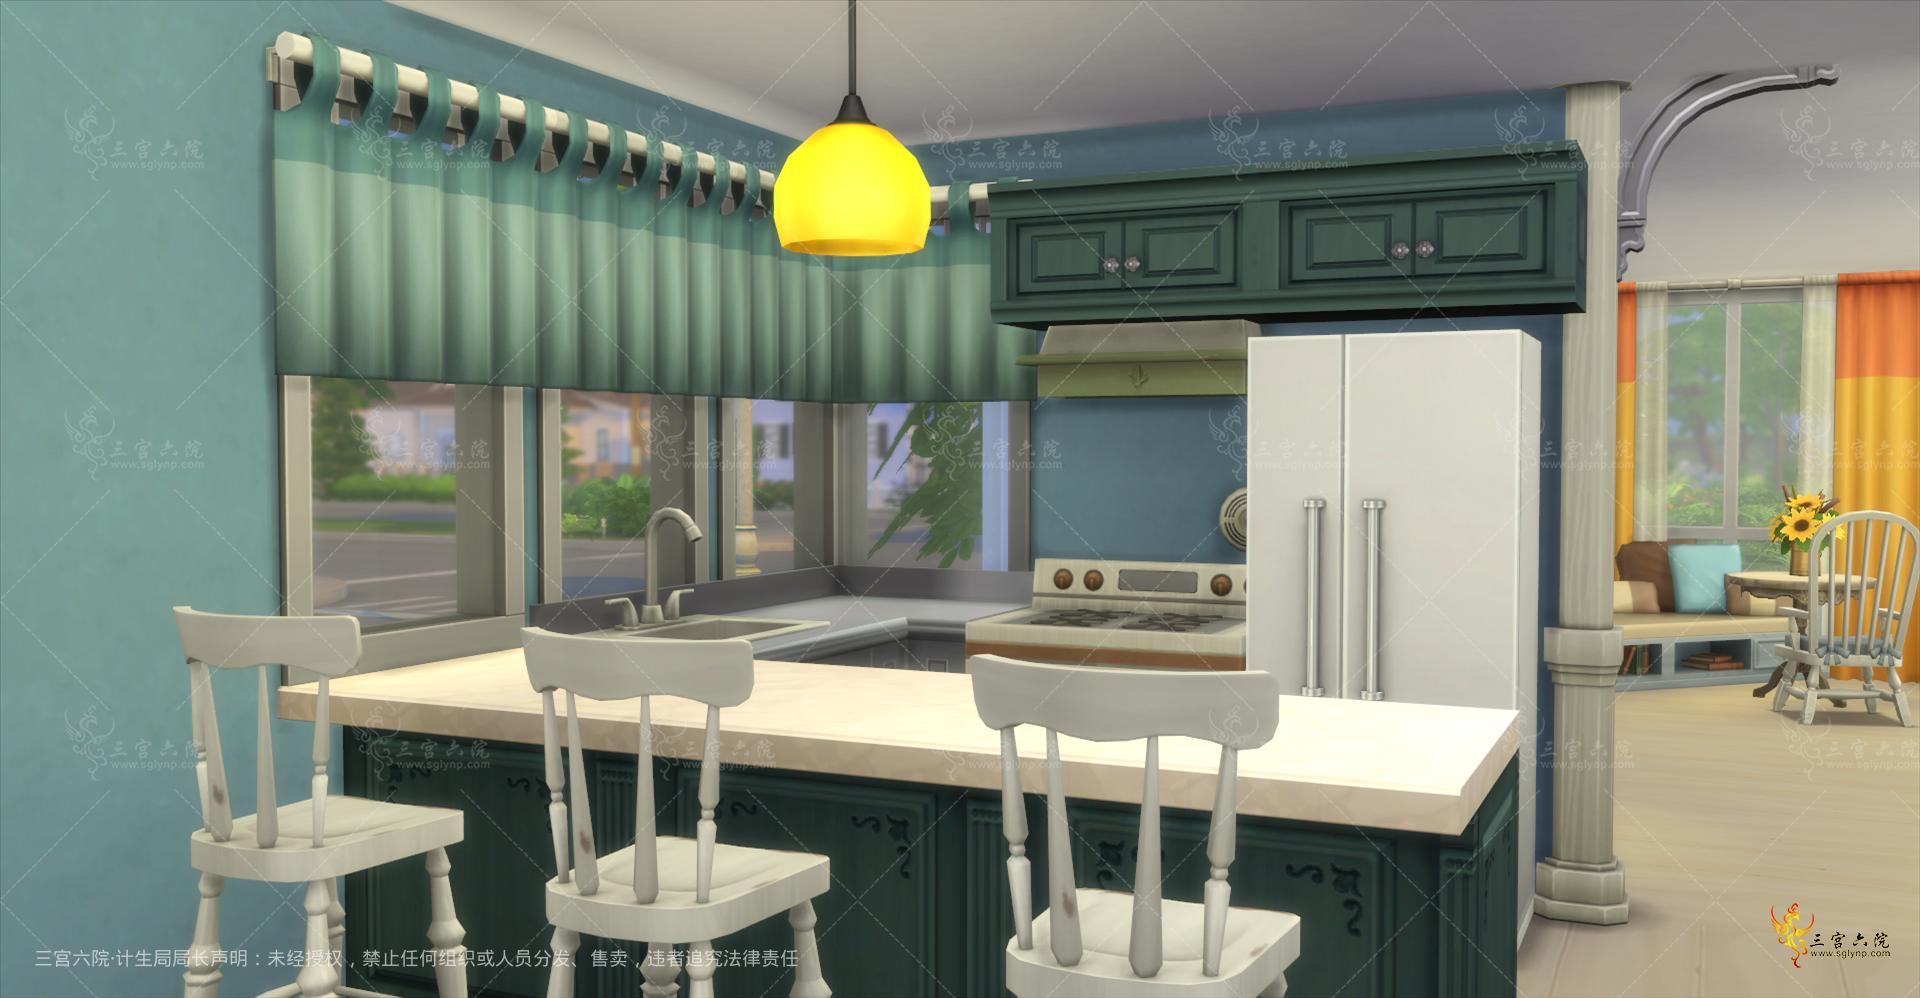 Sims 4 Screenshot 2021.08.19 - 11.04.10.78.png